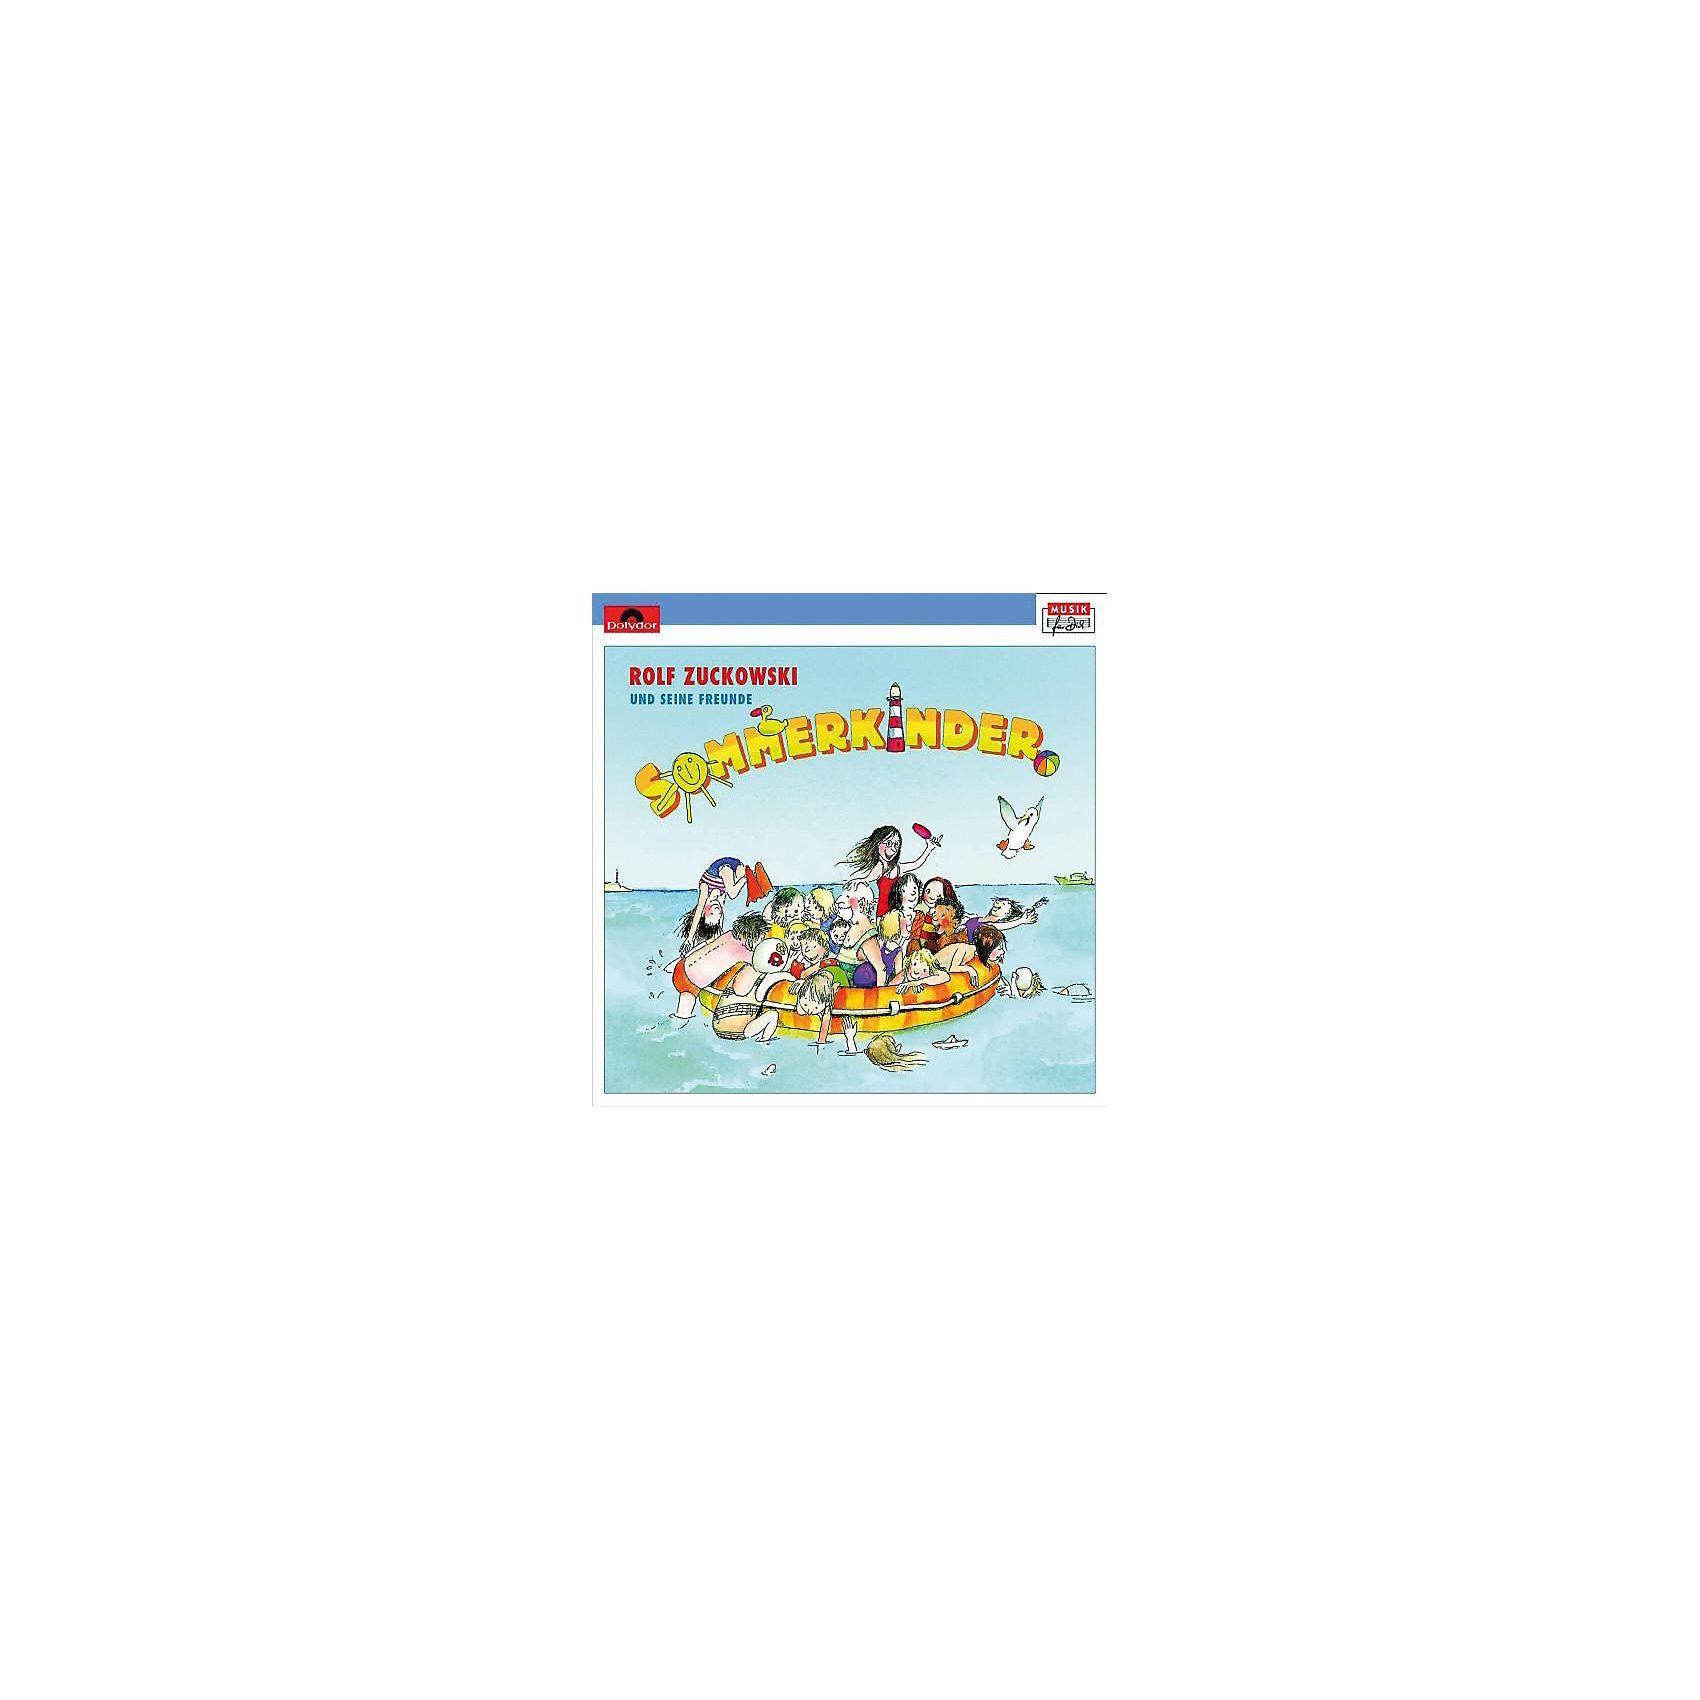 Universal CD Rolf Zuckowski und seine Freunde - Sommerkinder